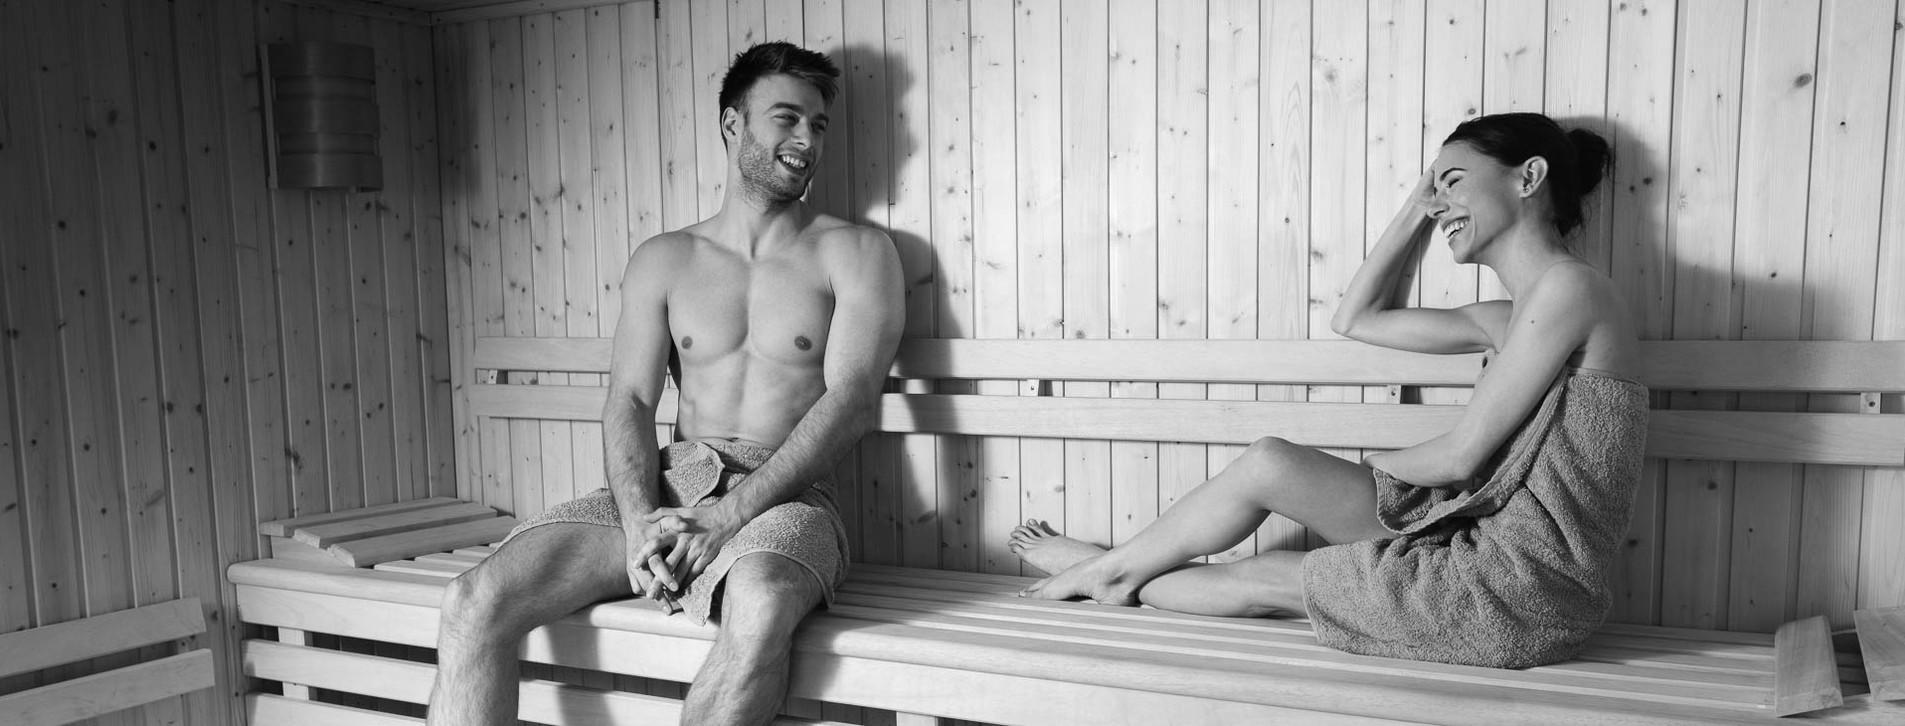 Фото 1 - Инфракрасная сауна для двоих